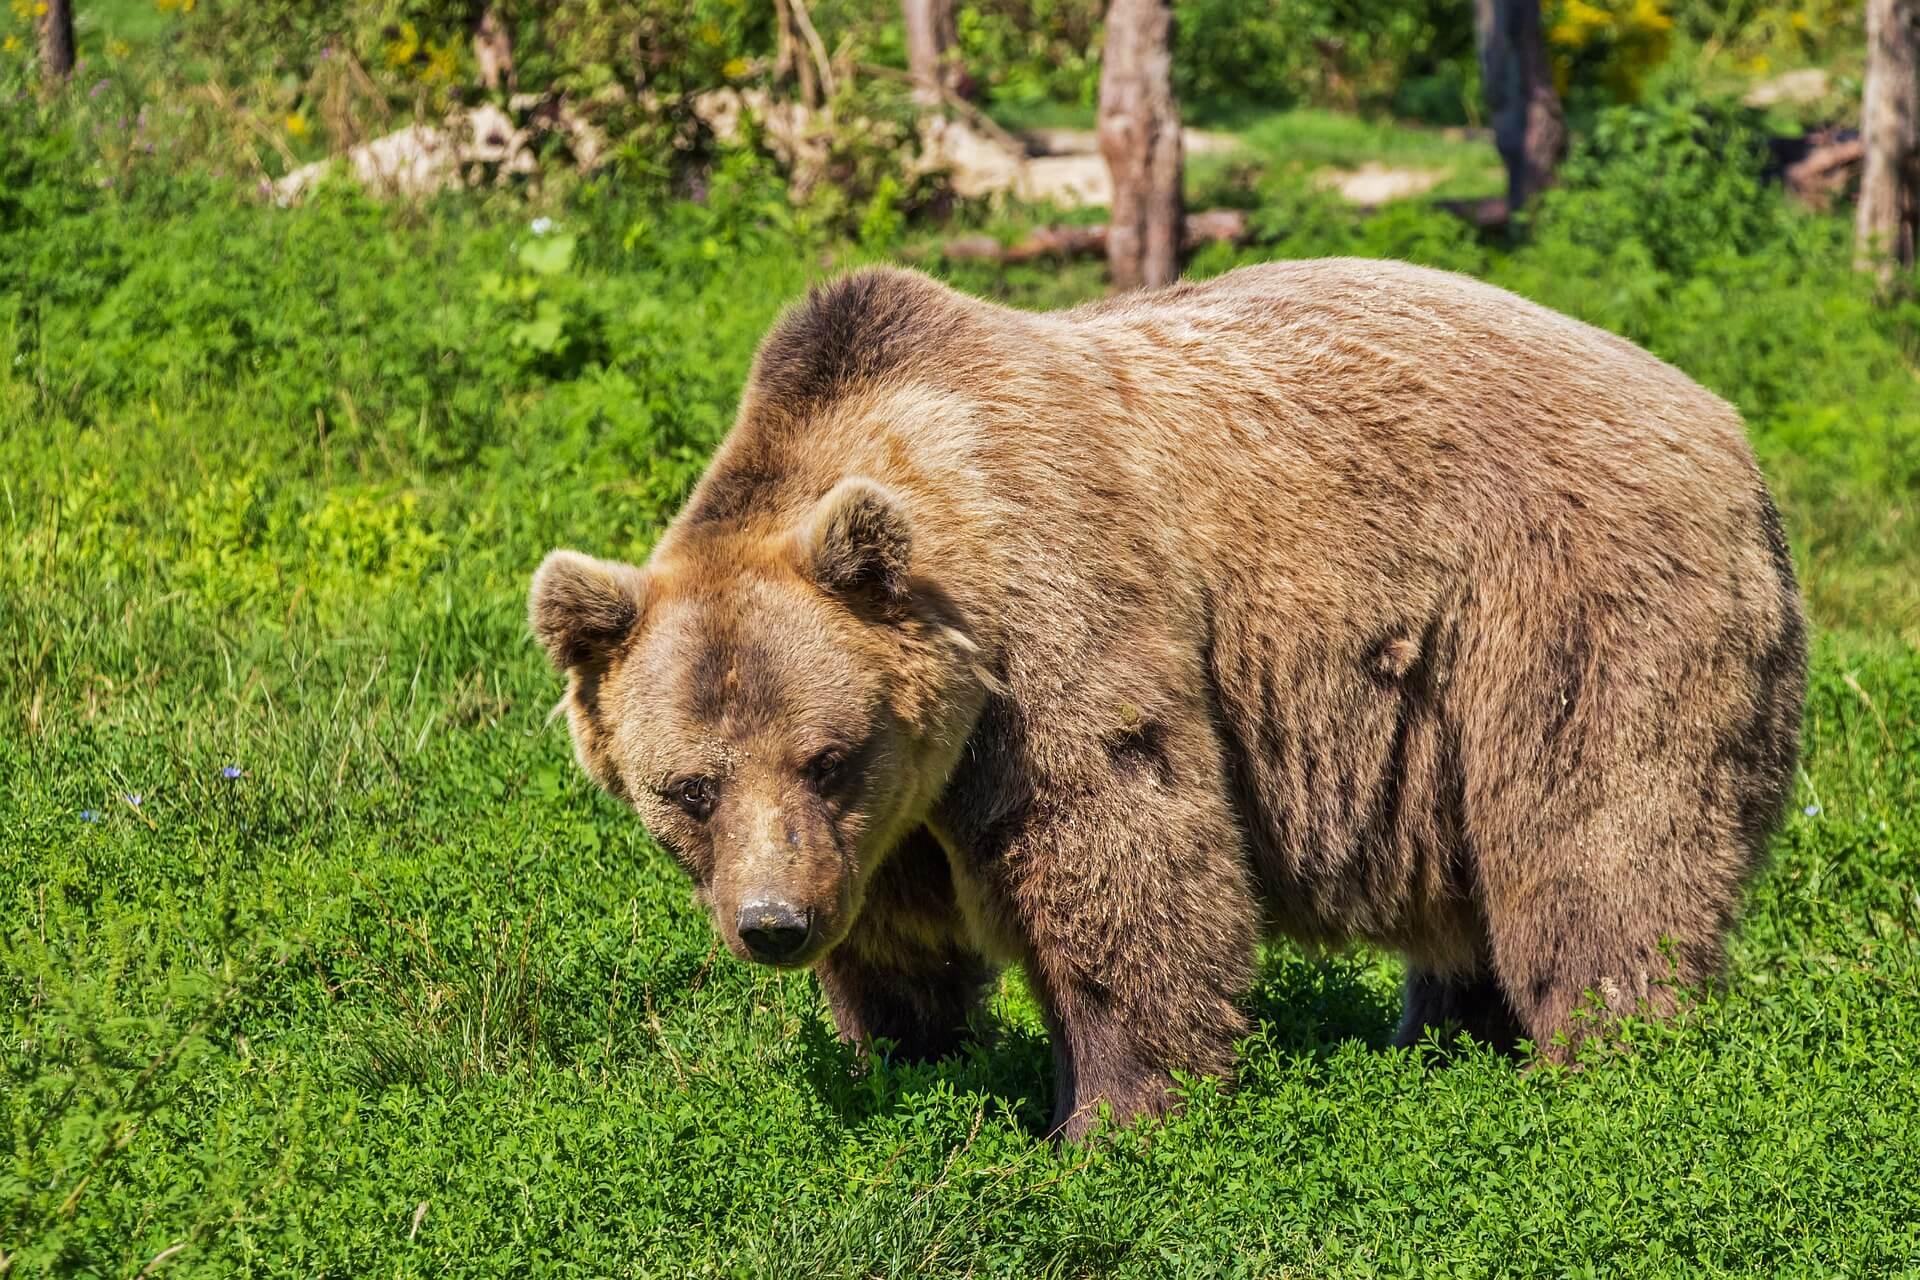 Vertel Britse functionarissen dat de Canadese berenslachtpartijen moeten stoppen